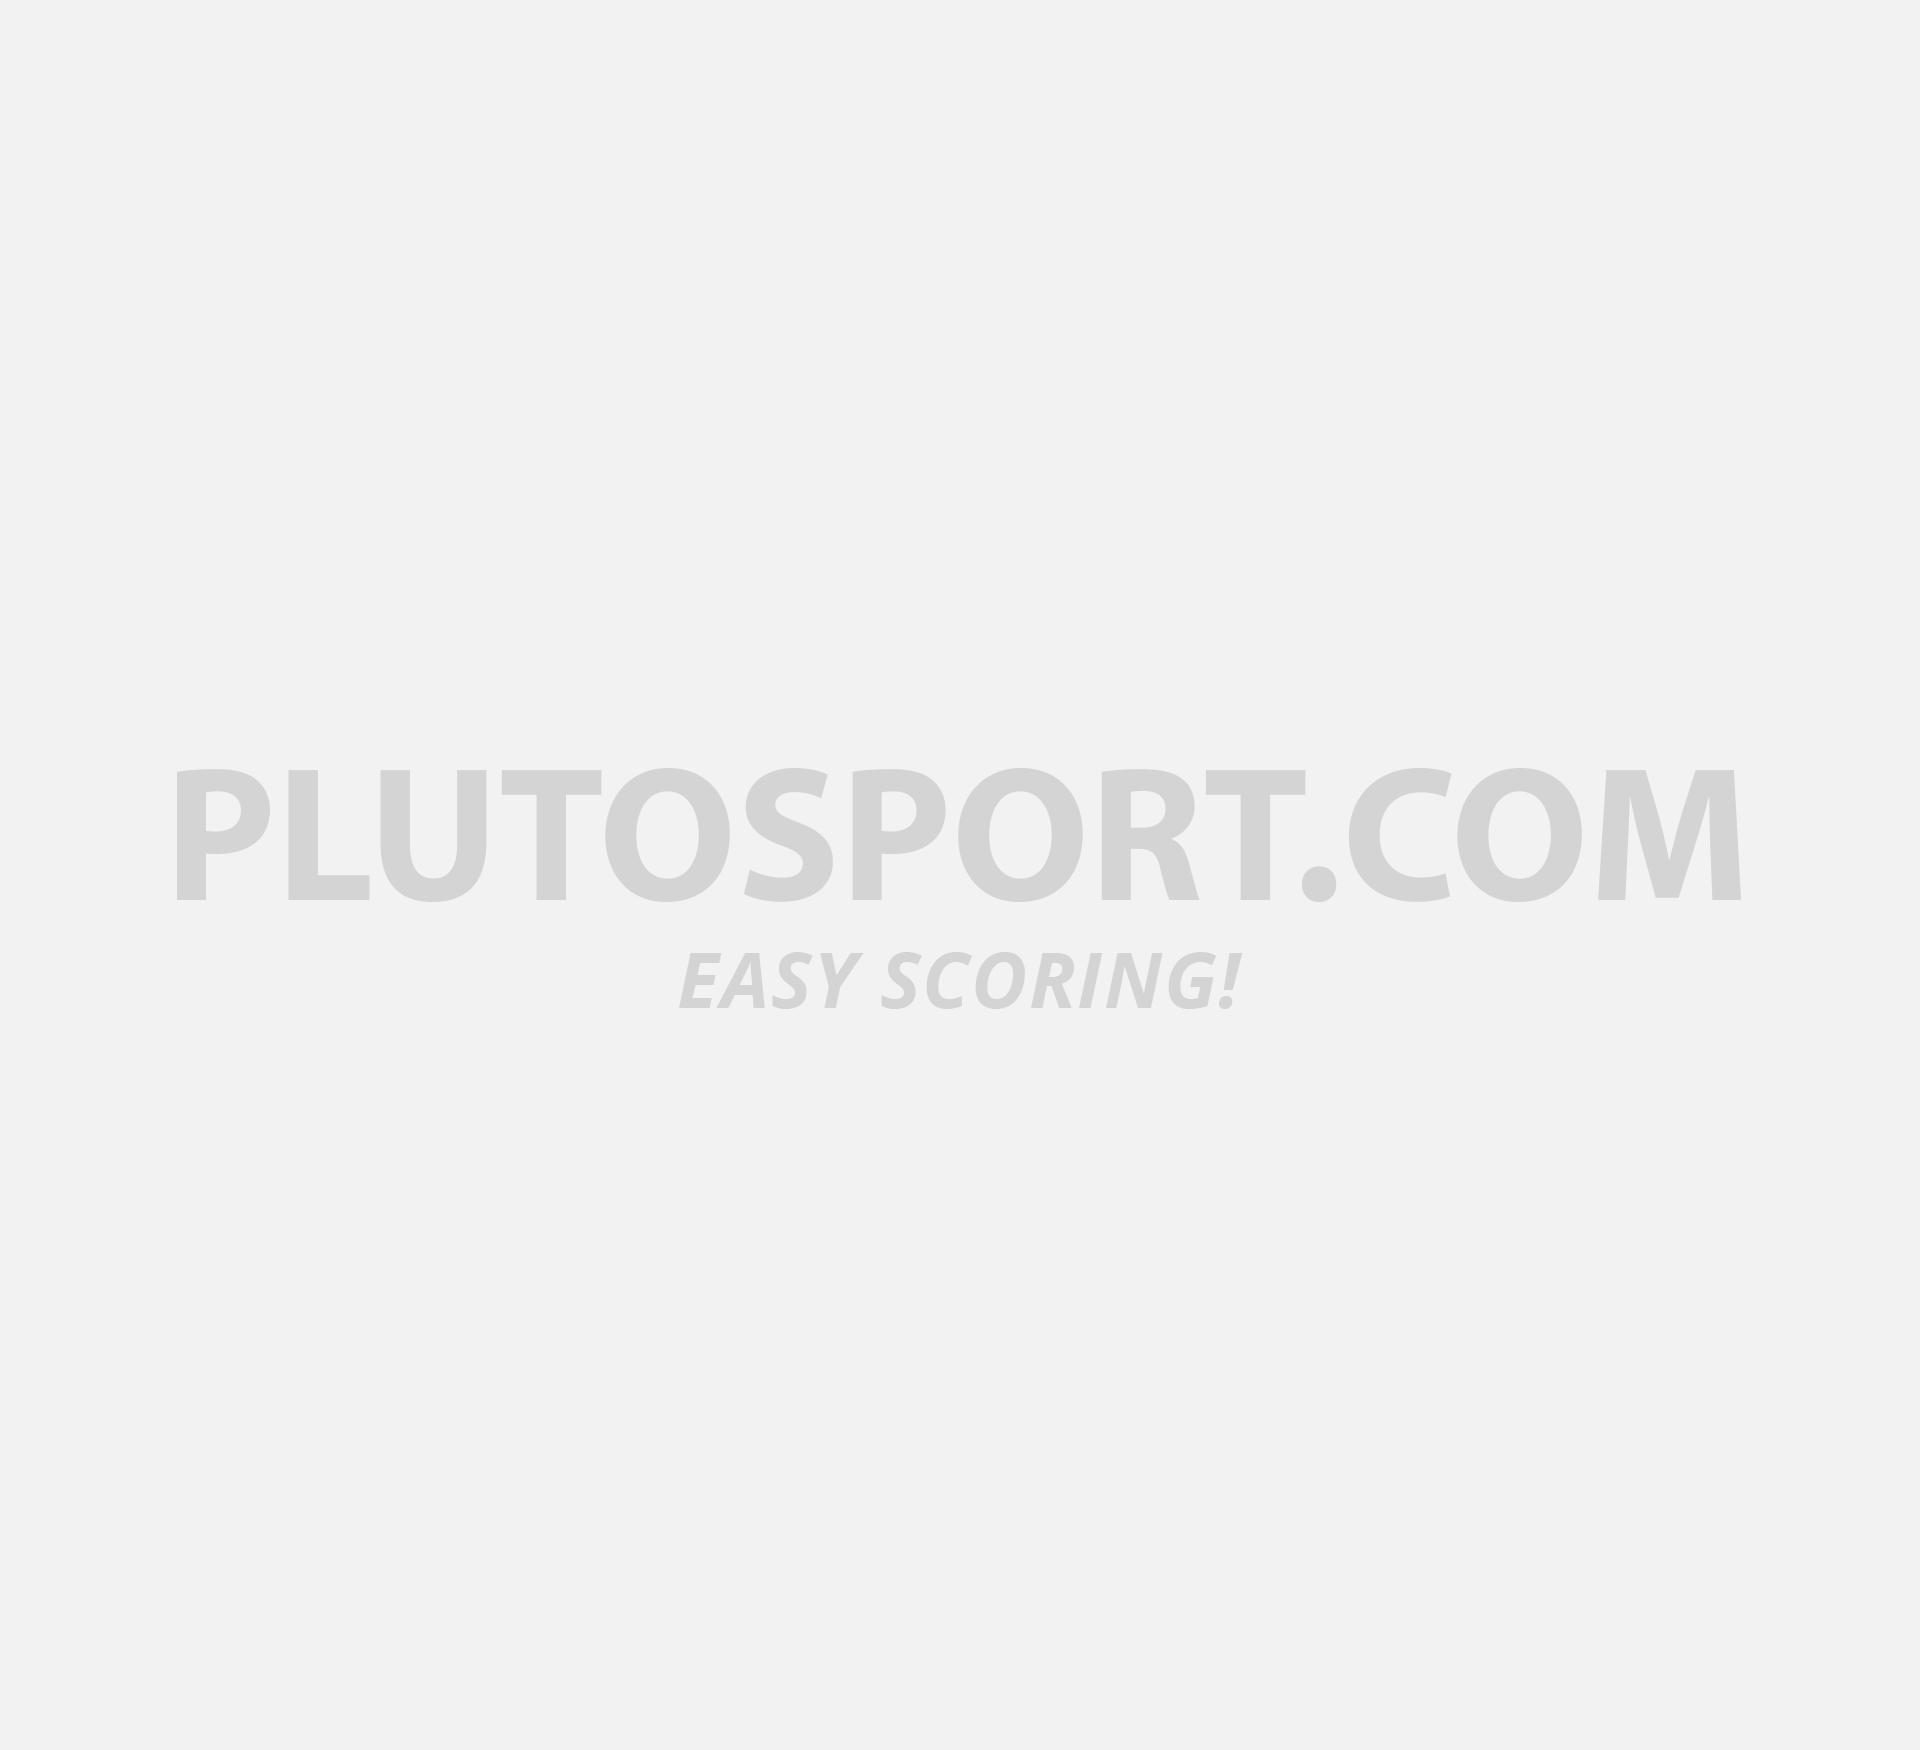 brand new 305c9 0f135 Nike Fundamental Yoga Mat 3mm - Mats - Equipment - Fitness - Sports    Plutosport